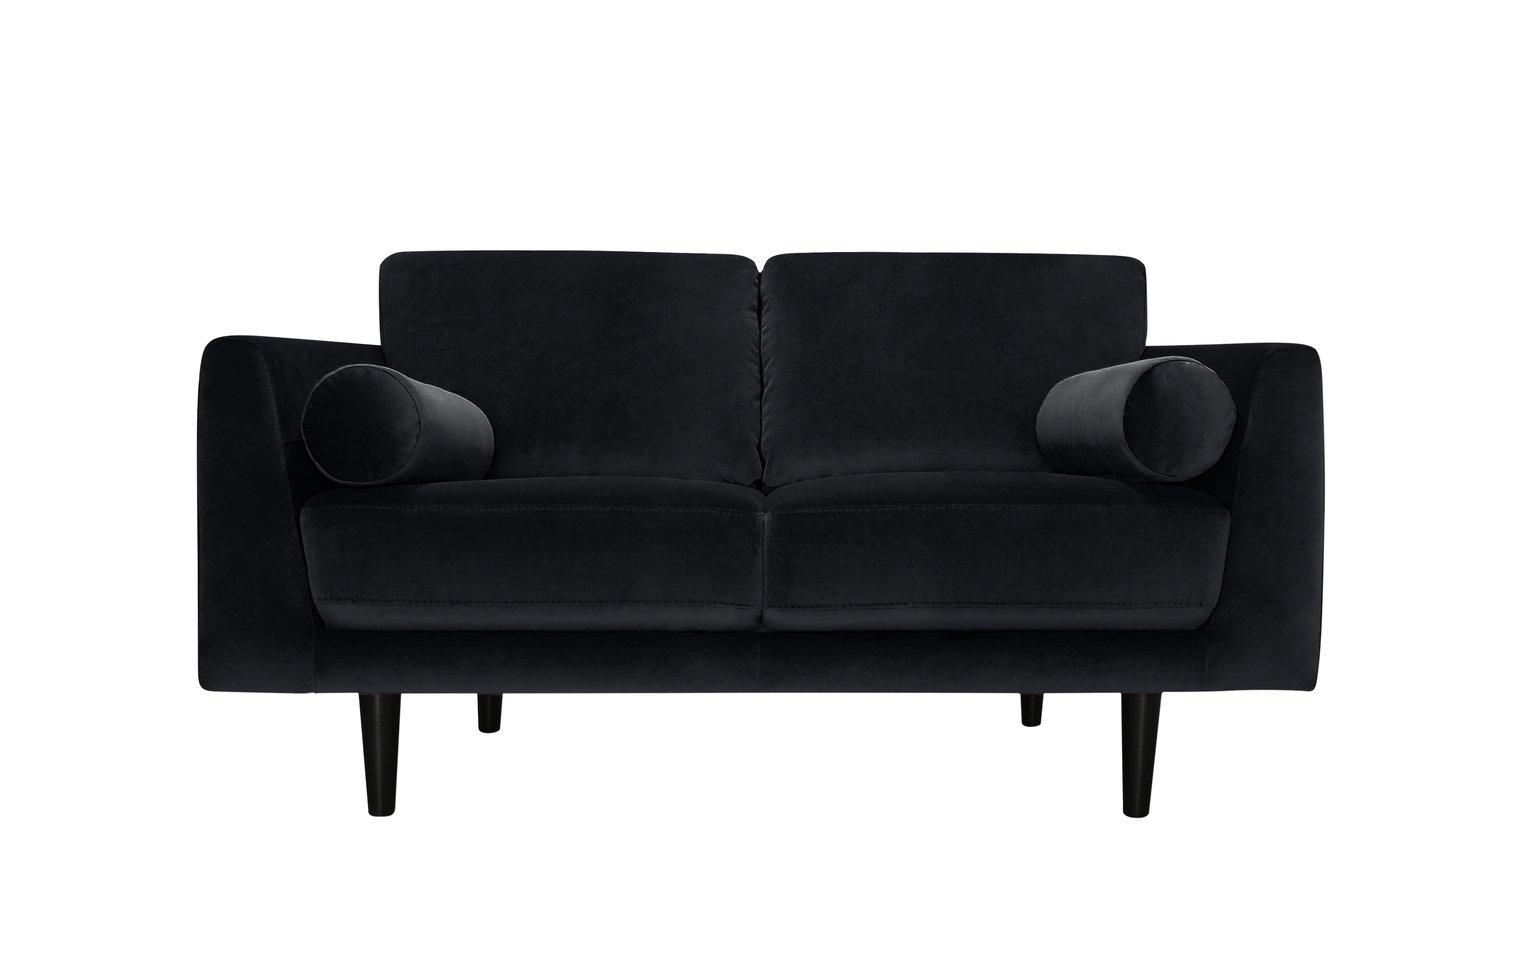 Habitat Jackson 2 Seater Velvet Sofa - Black